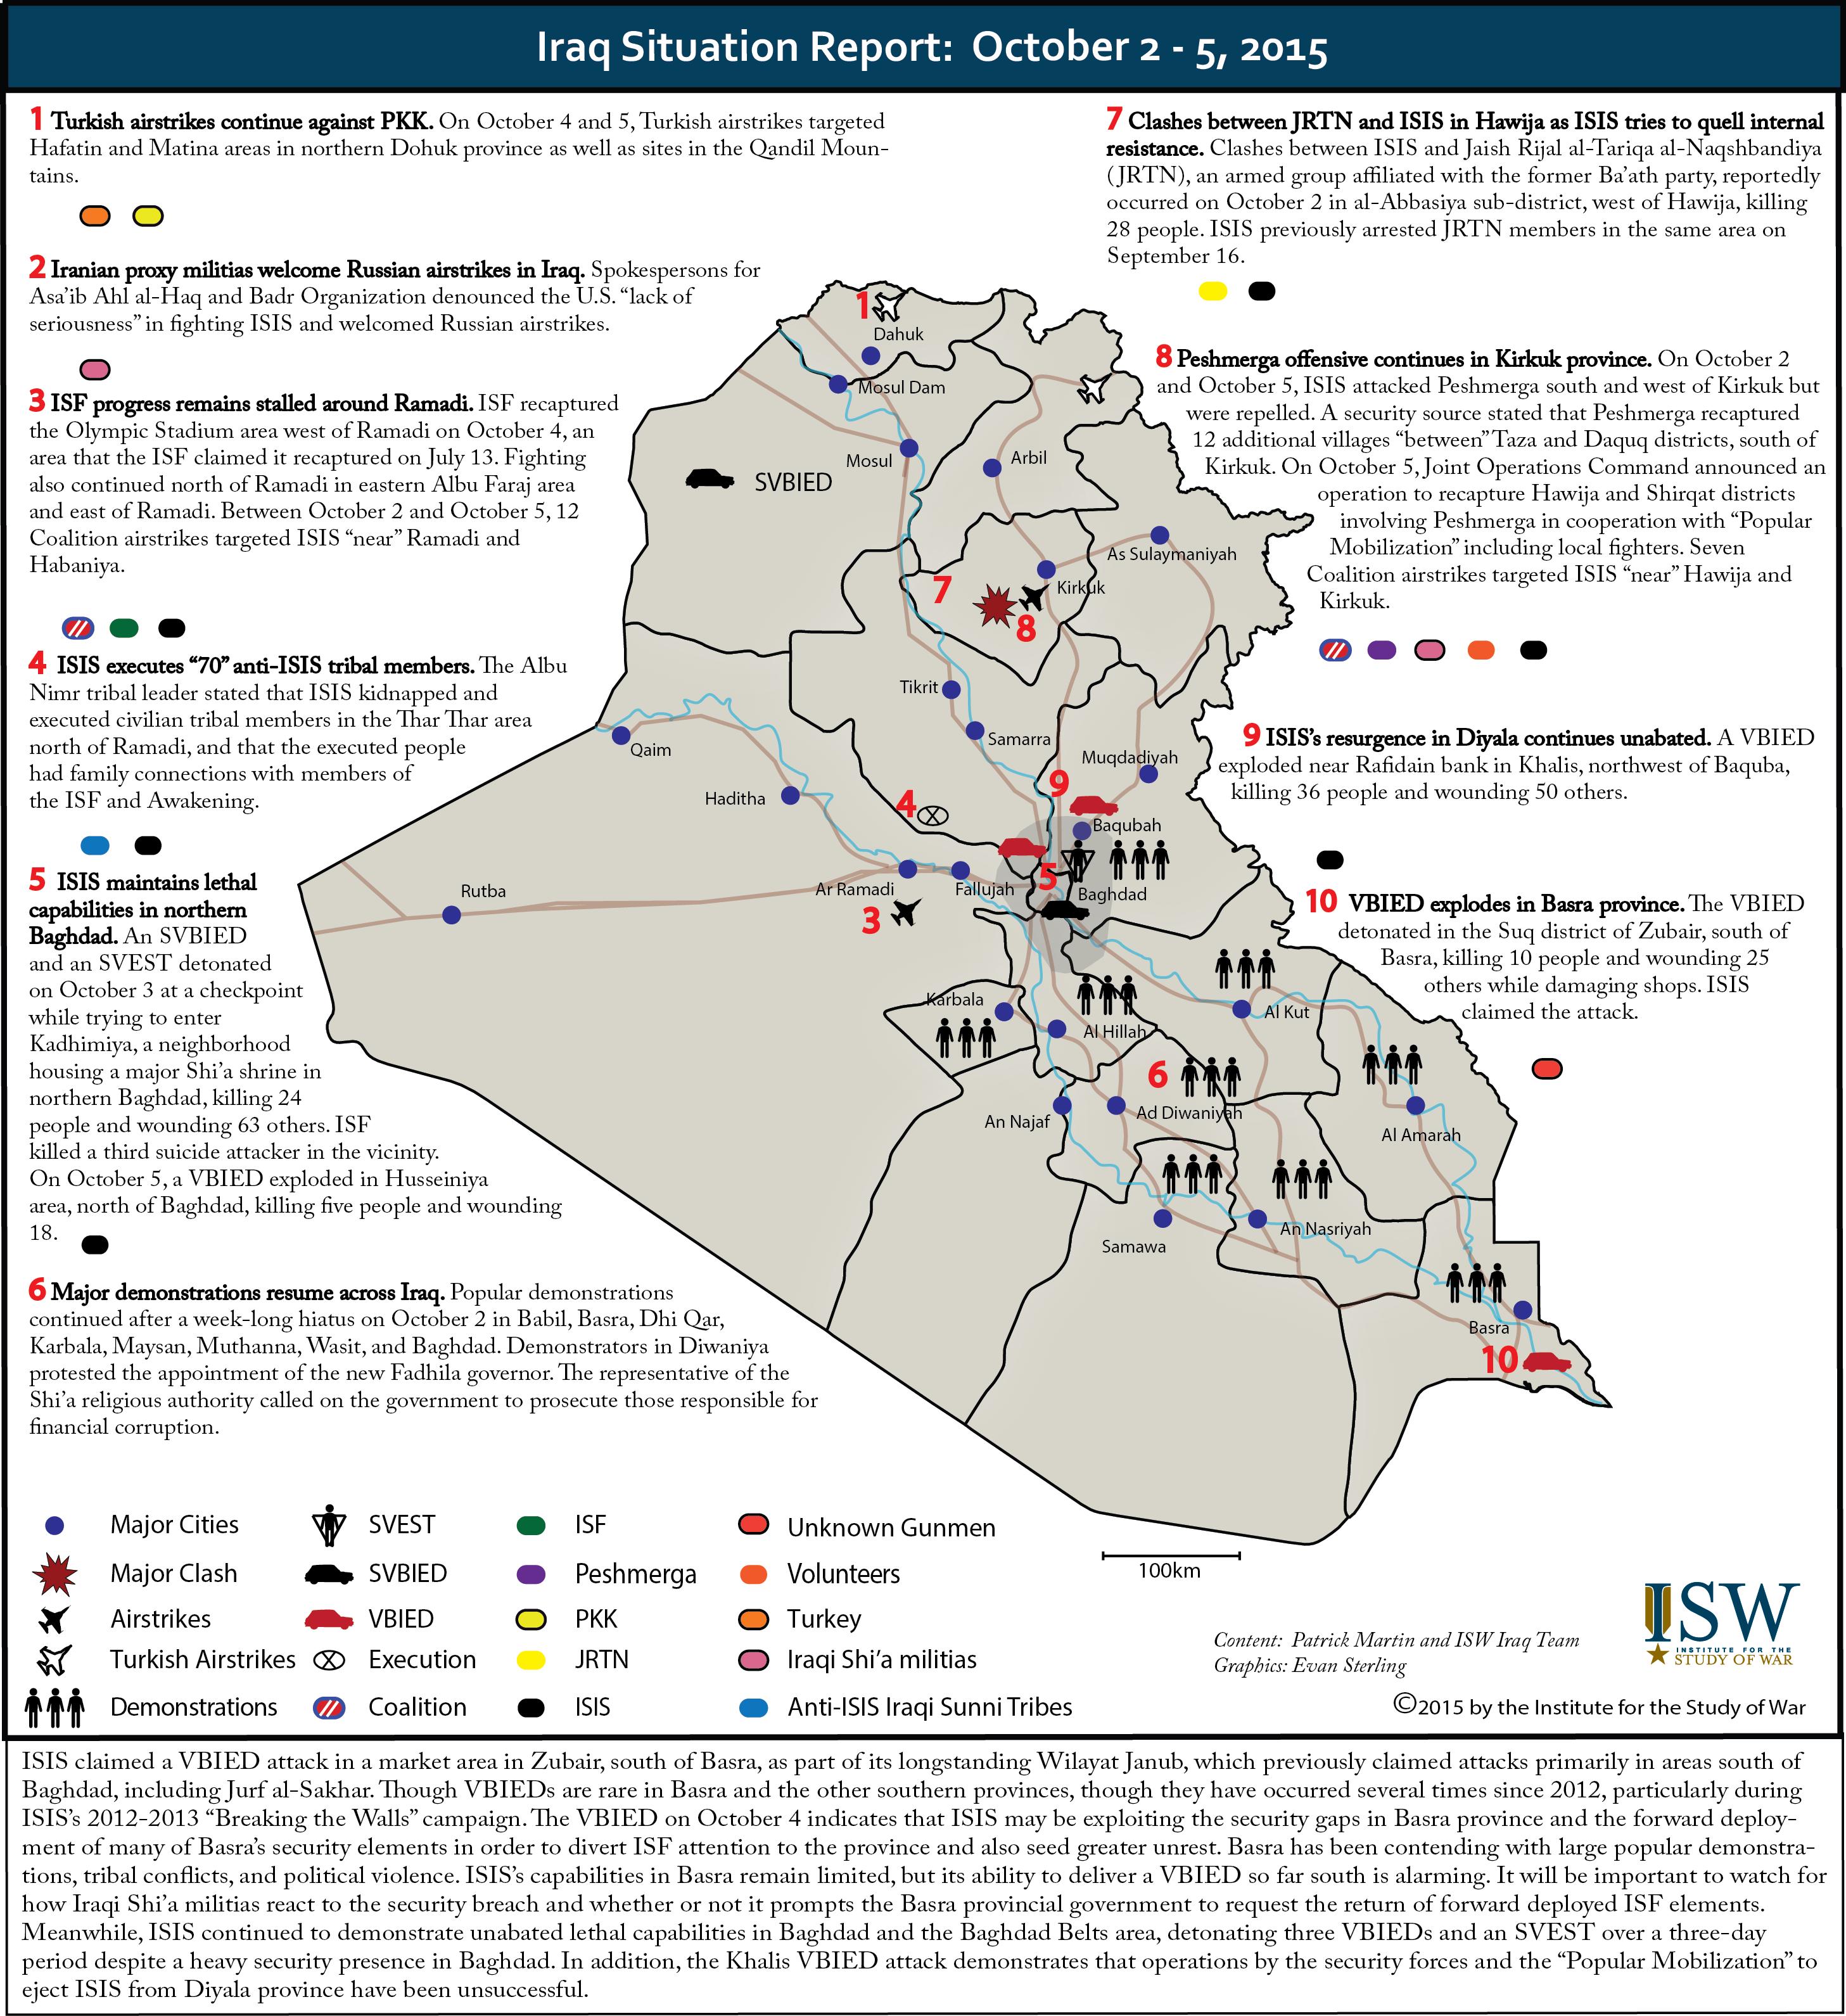 Syrian Civil War Map October 2015